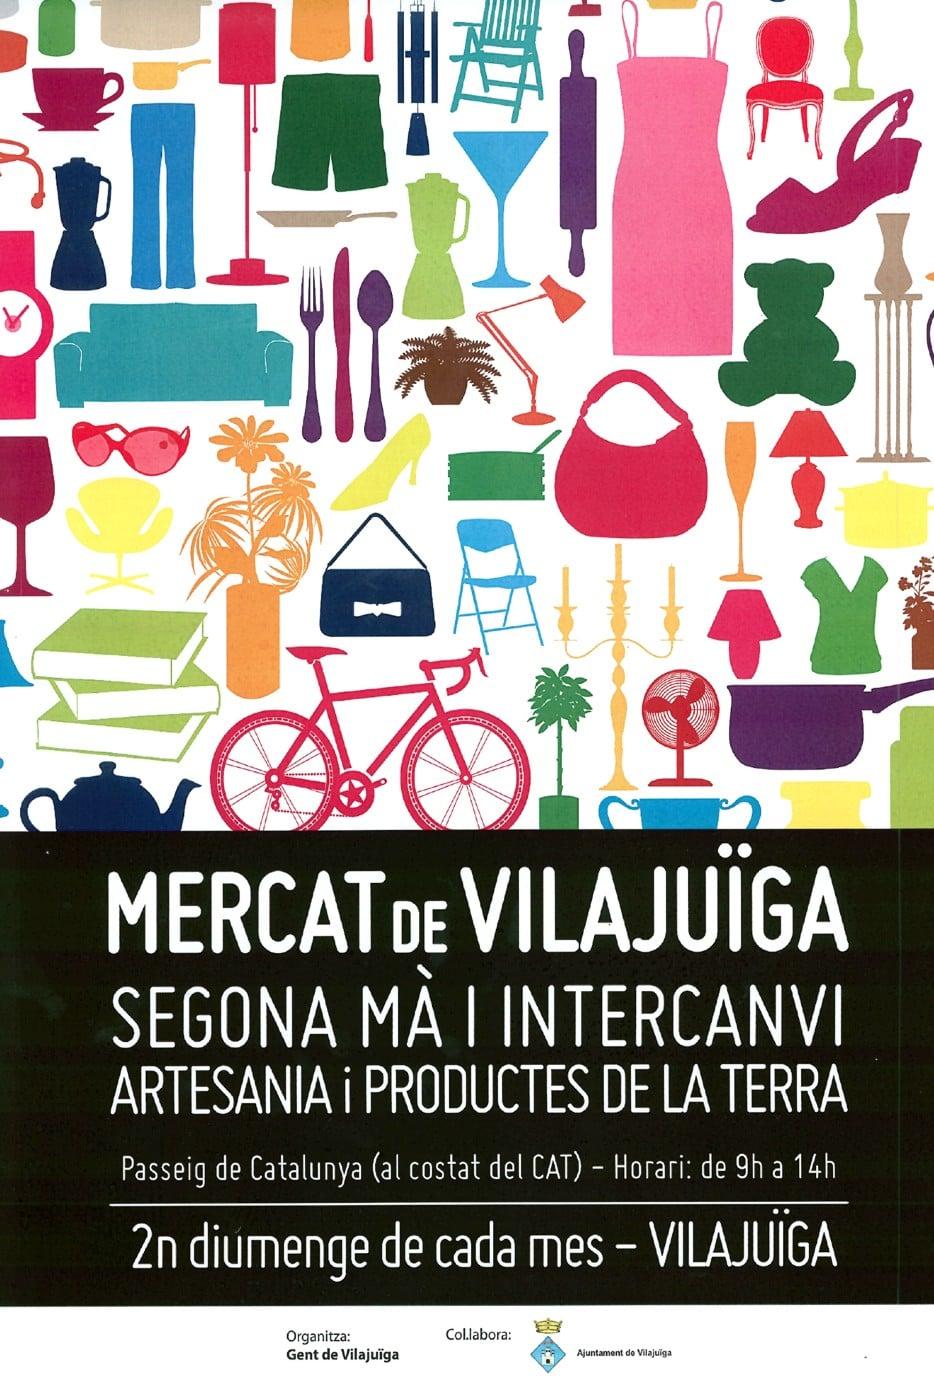 Mercat de Vilajuïga